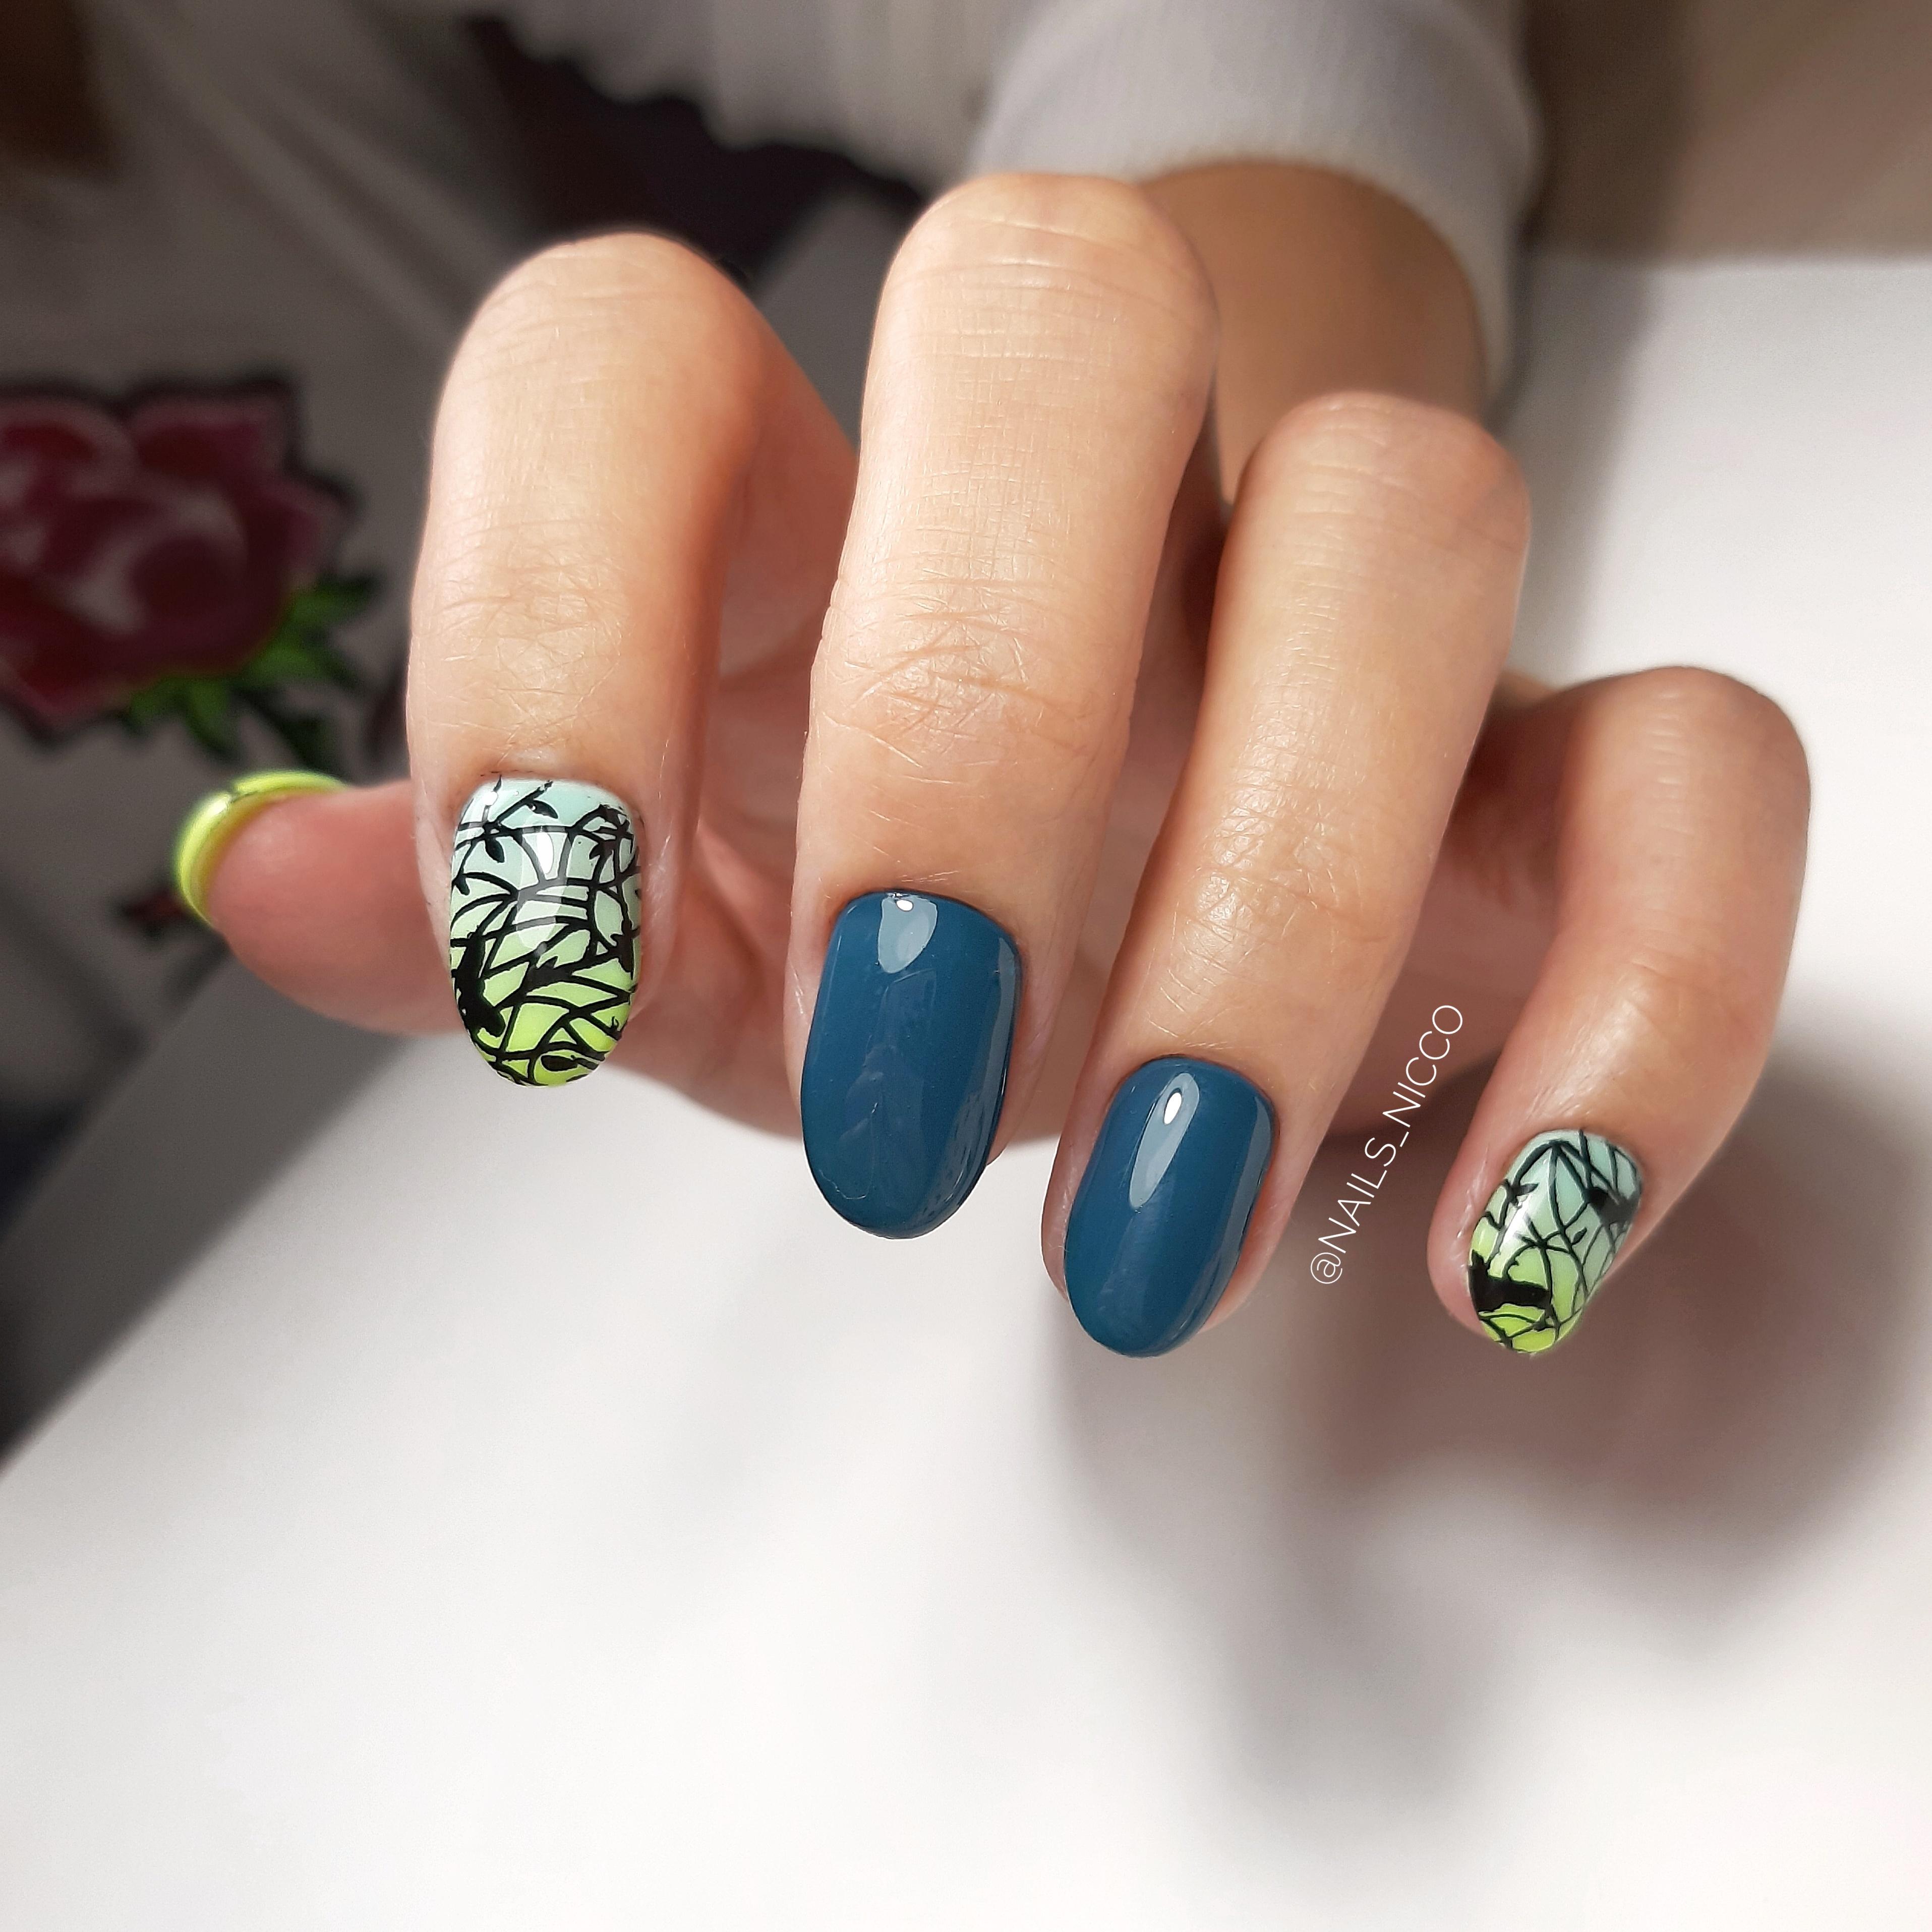 Маникюр с абстрактными слайдерами в синем цвете на короткие ногти.